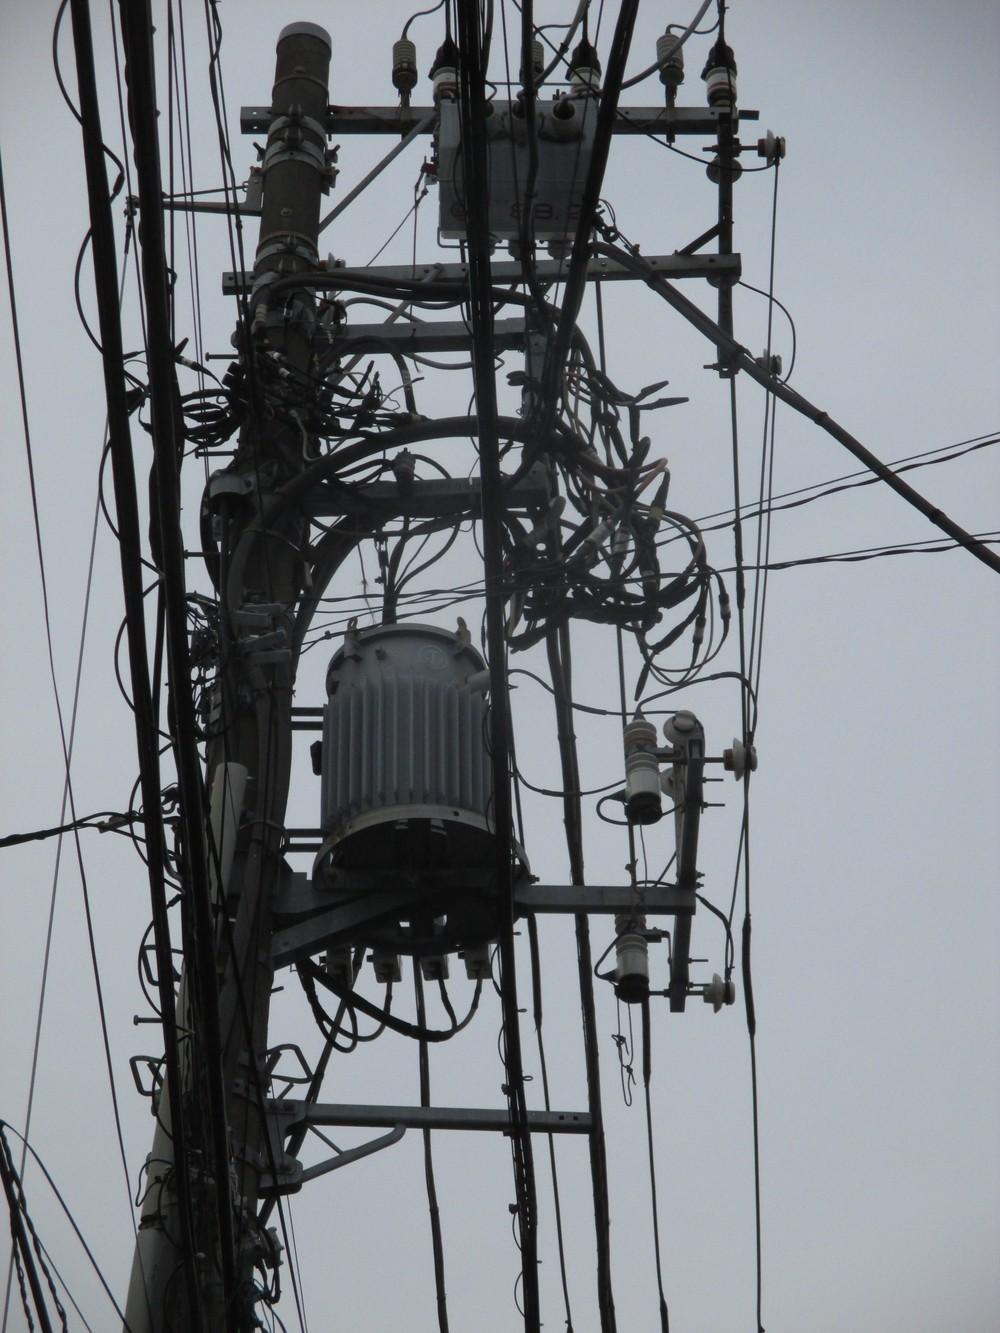 その15 電柱の上にある変圧器  【こんなものいらない!?】